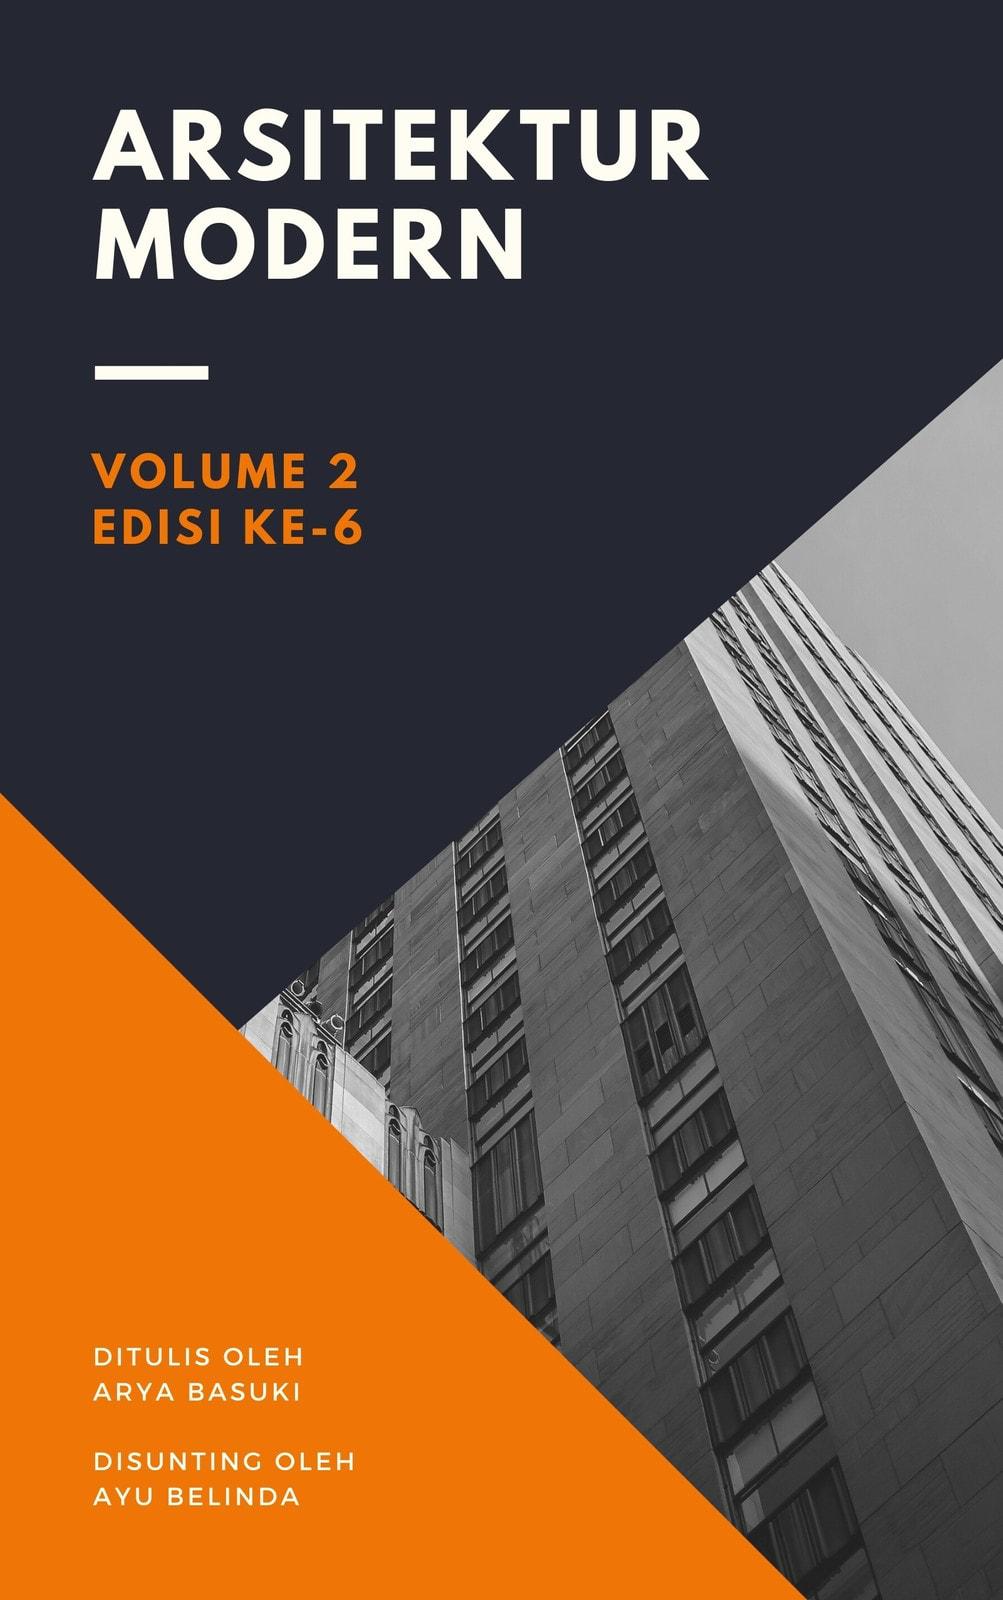 Sampul Buku Segitiga Arsitektur Modern Oranye dan Ungu Tua